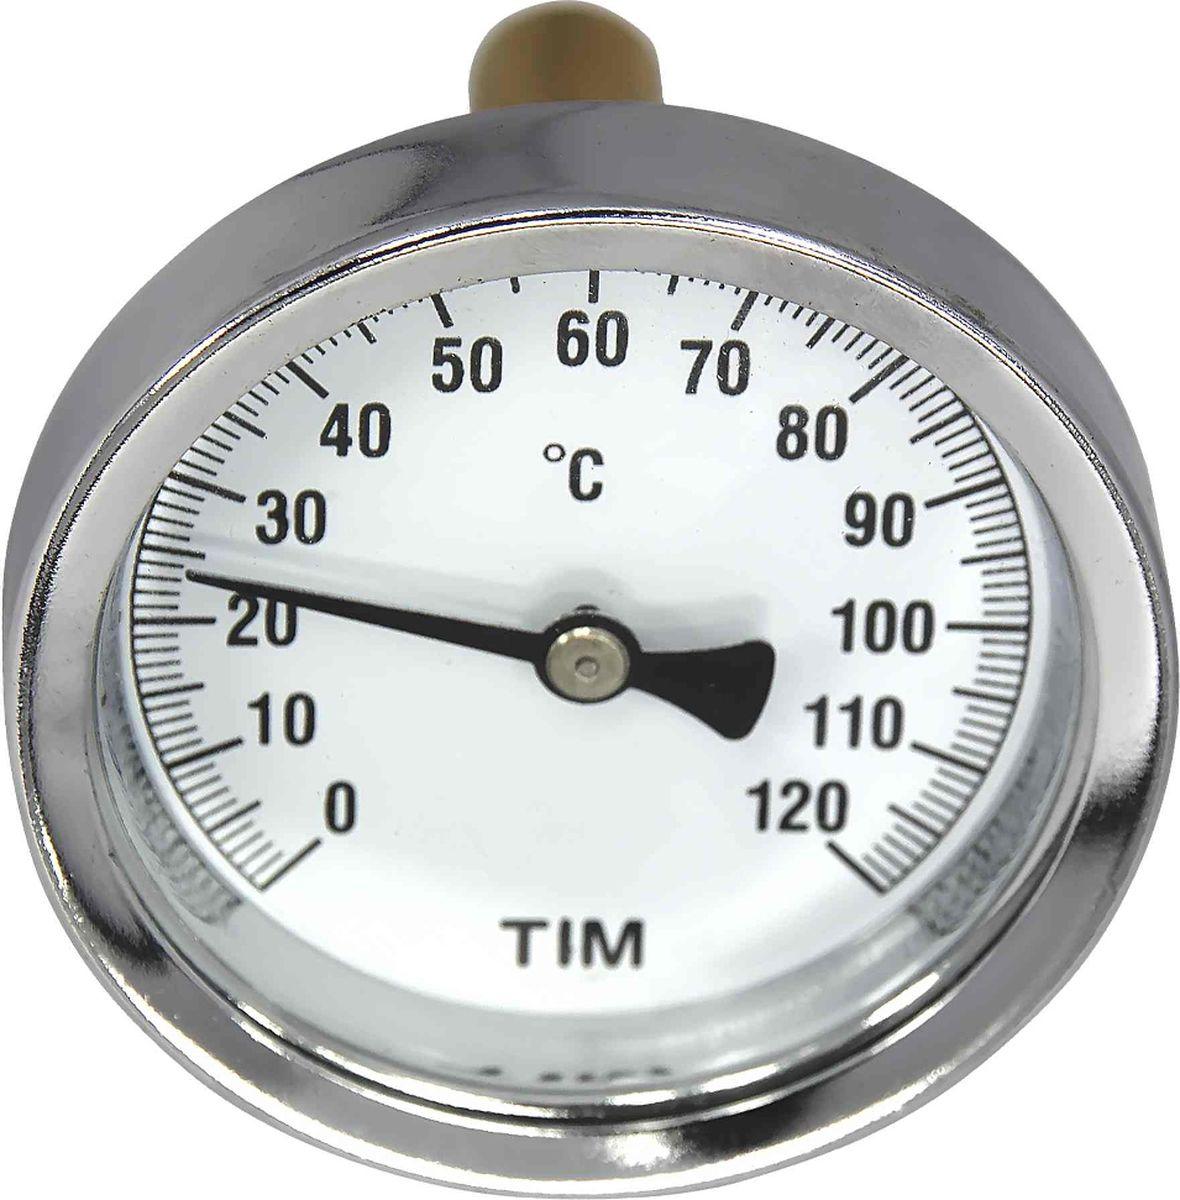 цены на Термометр с погружной гильзой TIM, 120, MP-У  в интернет-магазинах